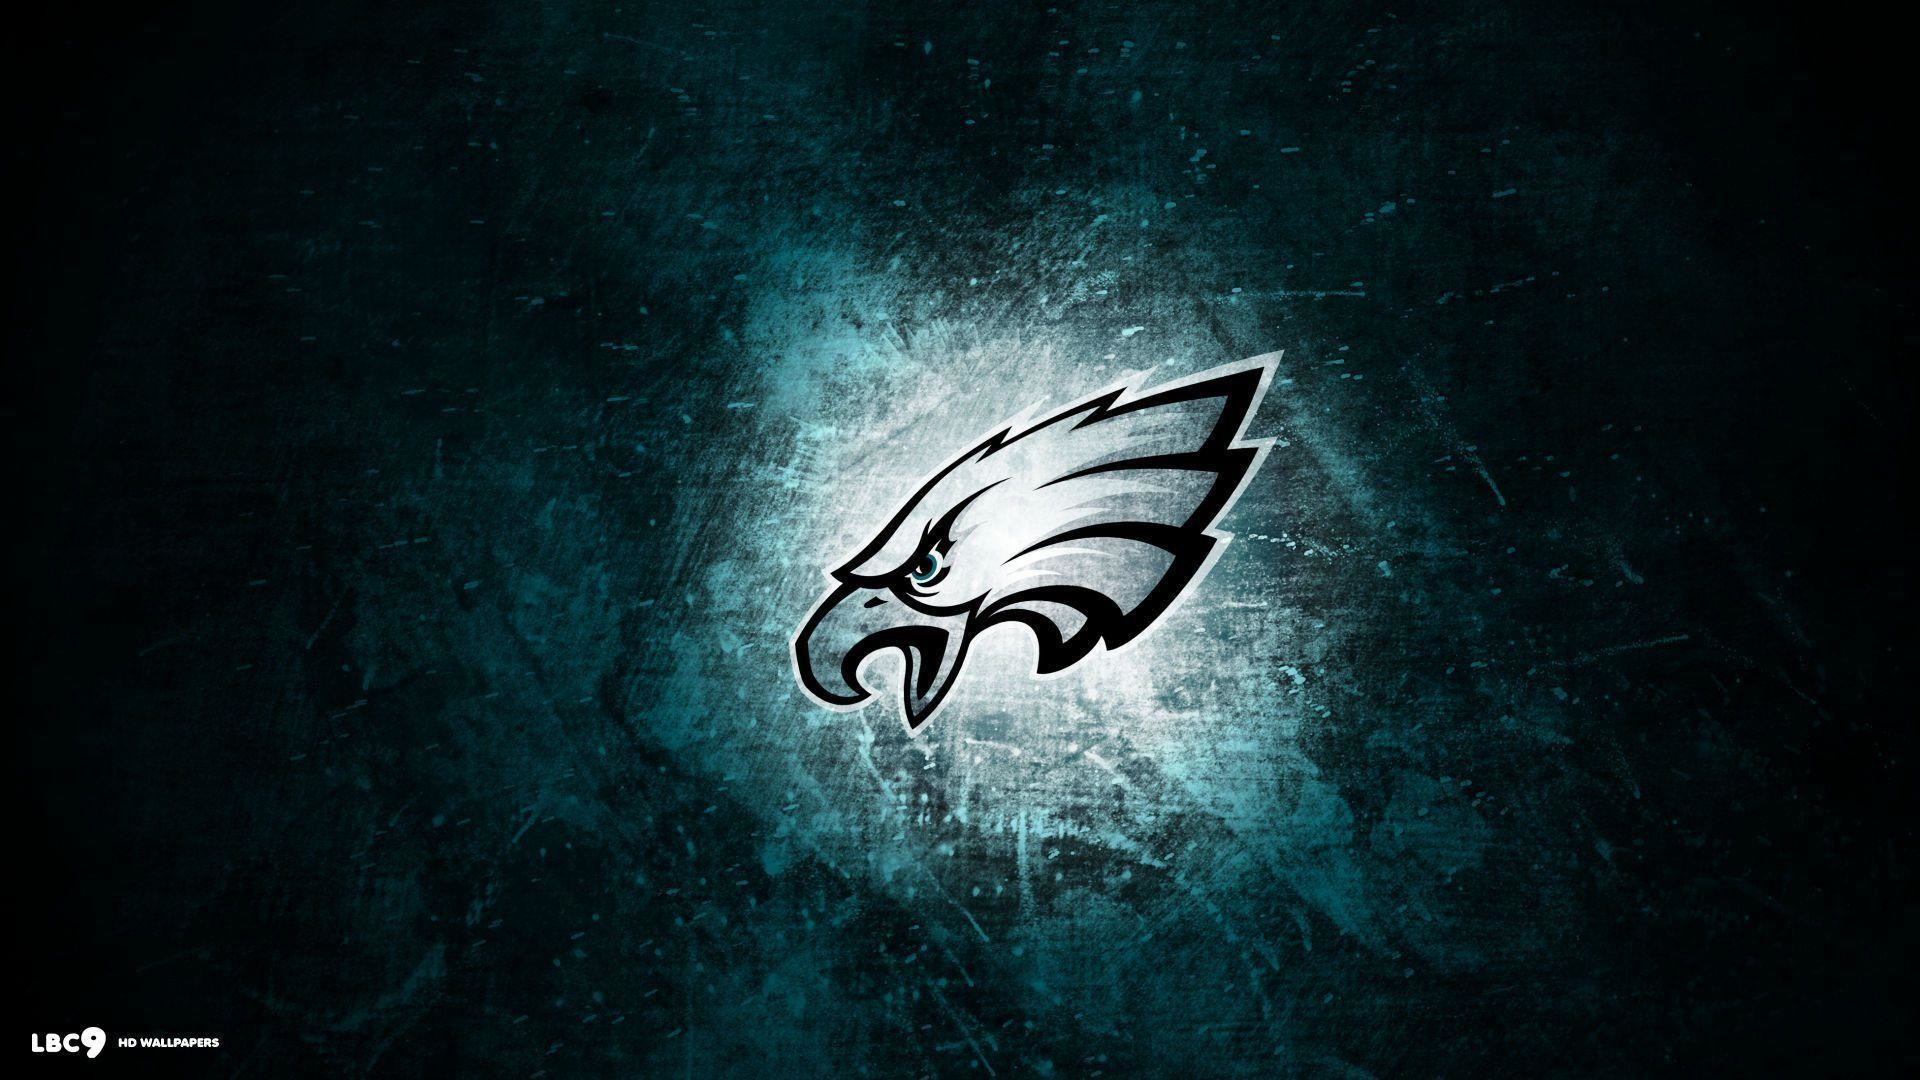 Iphone X Philadelphia Eagles Wallpaper Nfl Eagles Wallpaper 183 ①